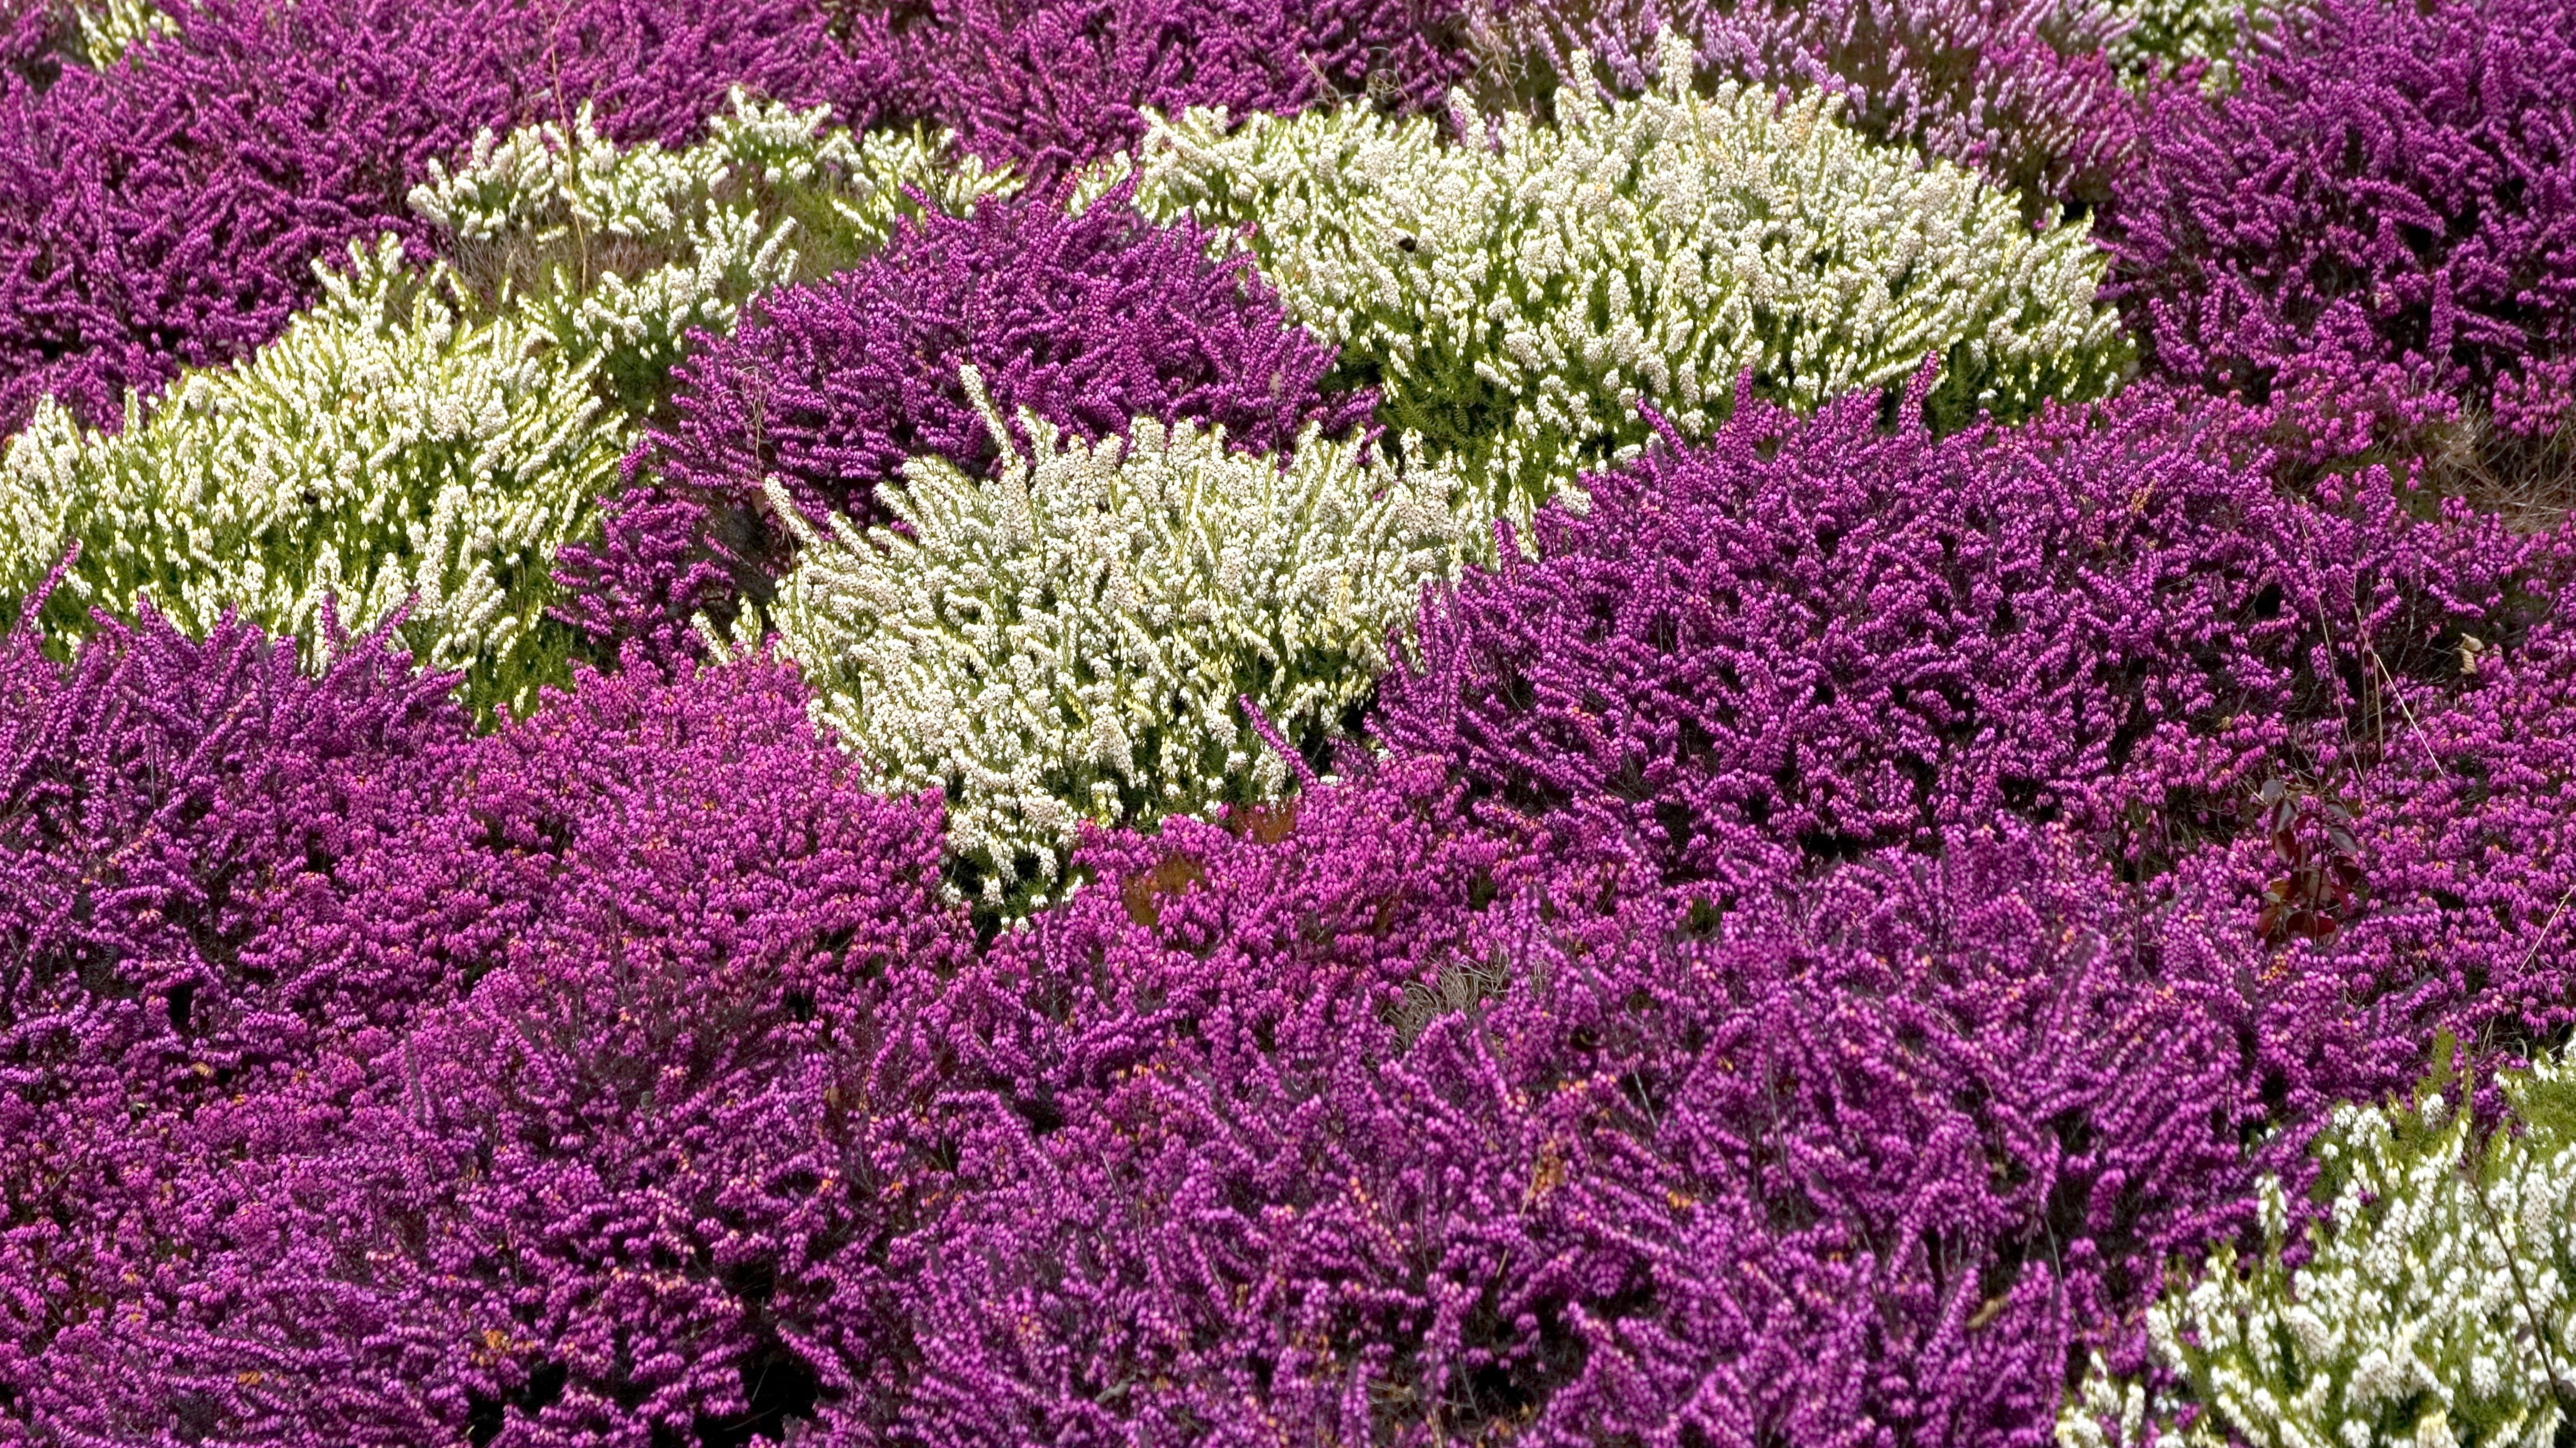 Violettes und weißes Heidekraut